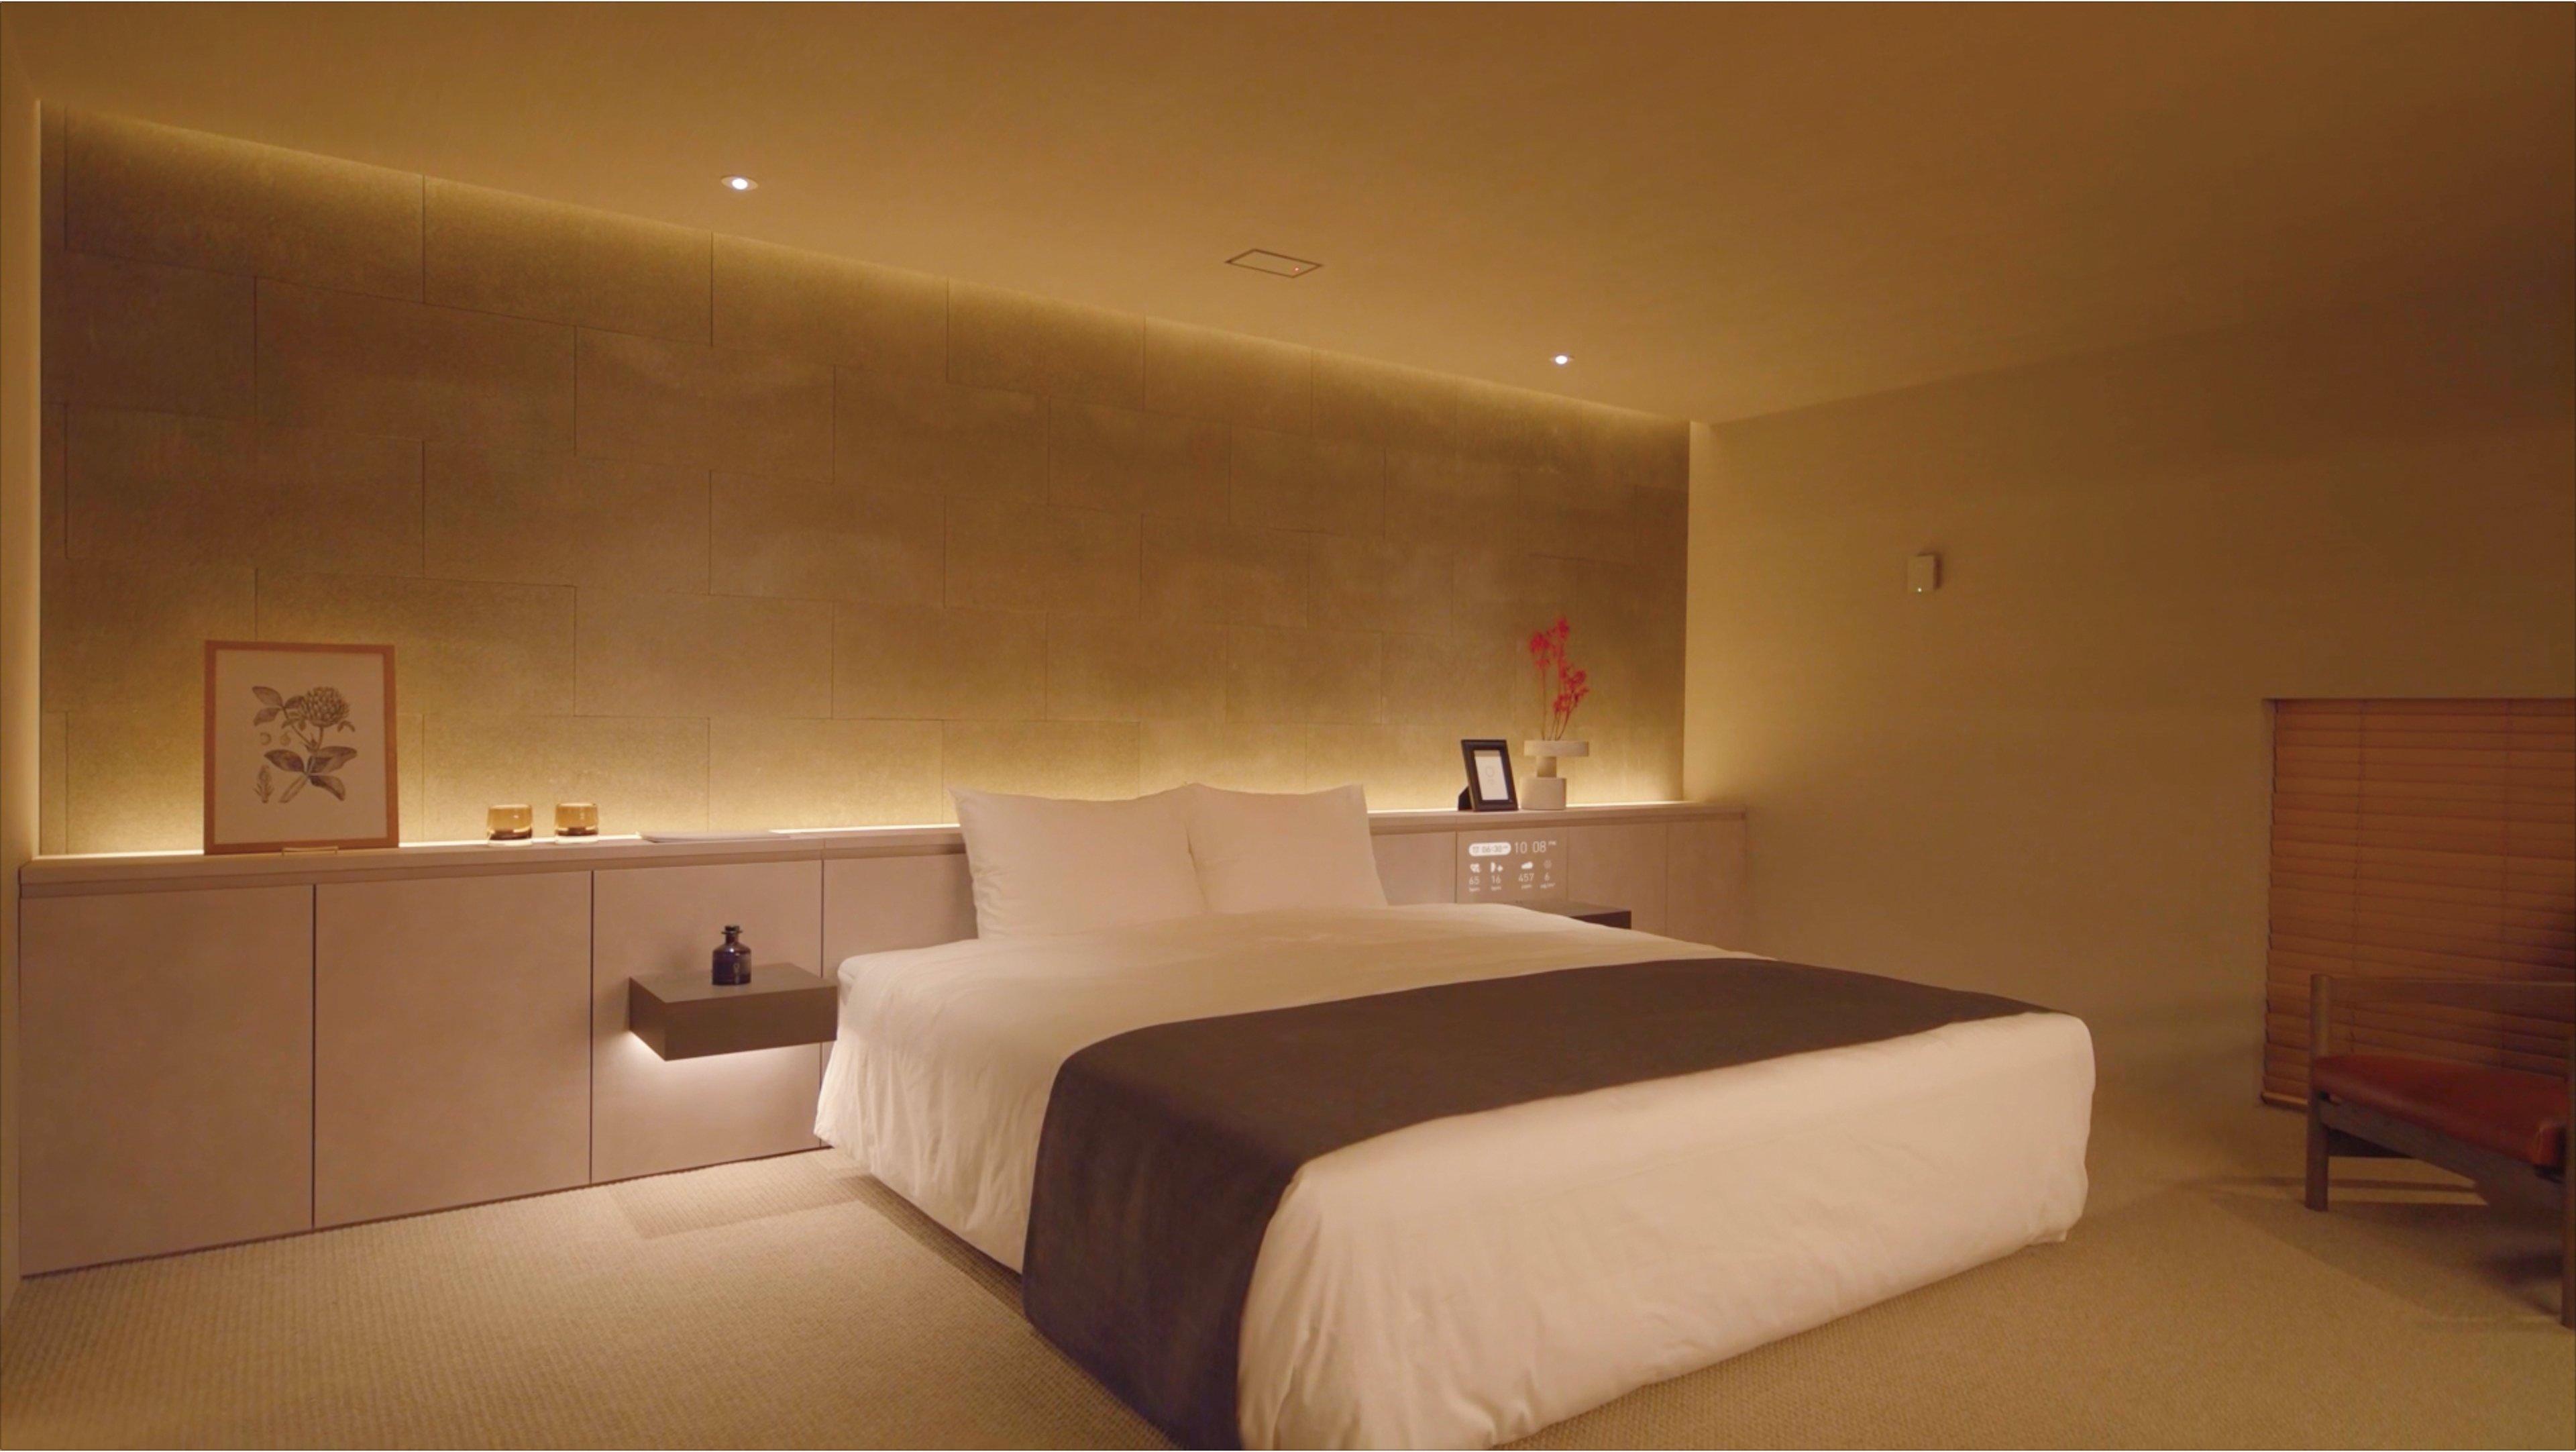 写真:快適な睡眠を促すスマートベットルーム